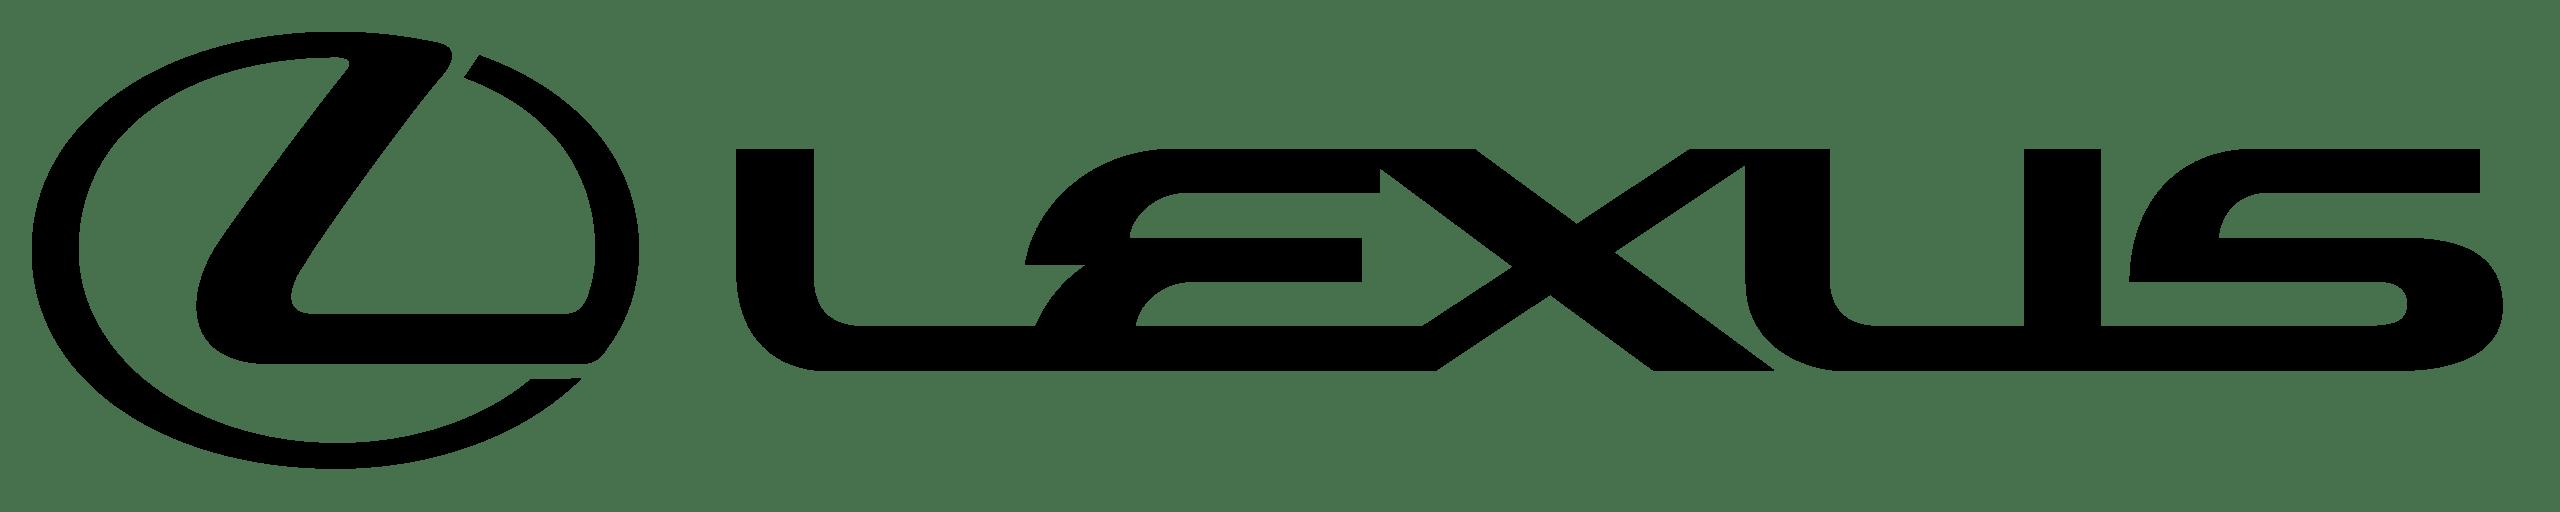 lexus logo transparent png - stickpng